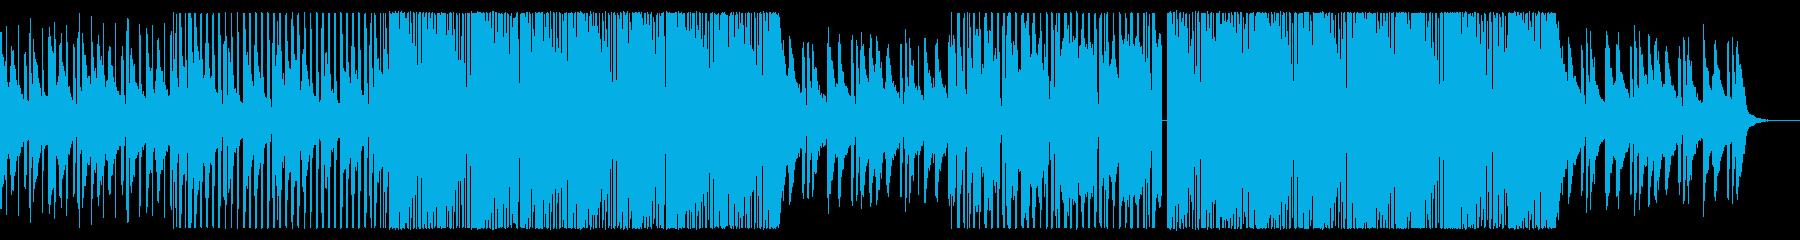 感動系!爽やかなエレクトロ/ピアノポップの再生済みの波形